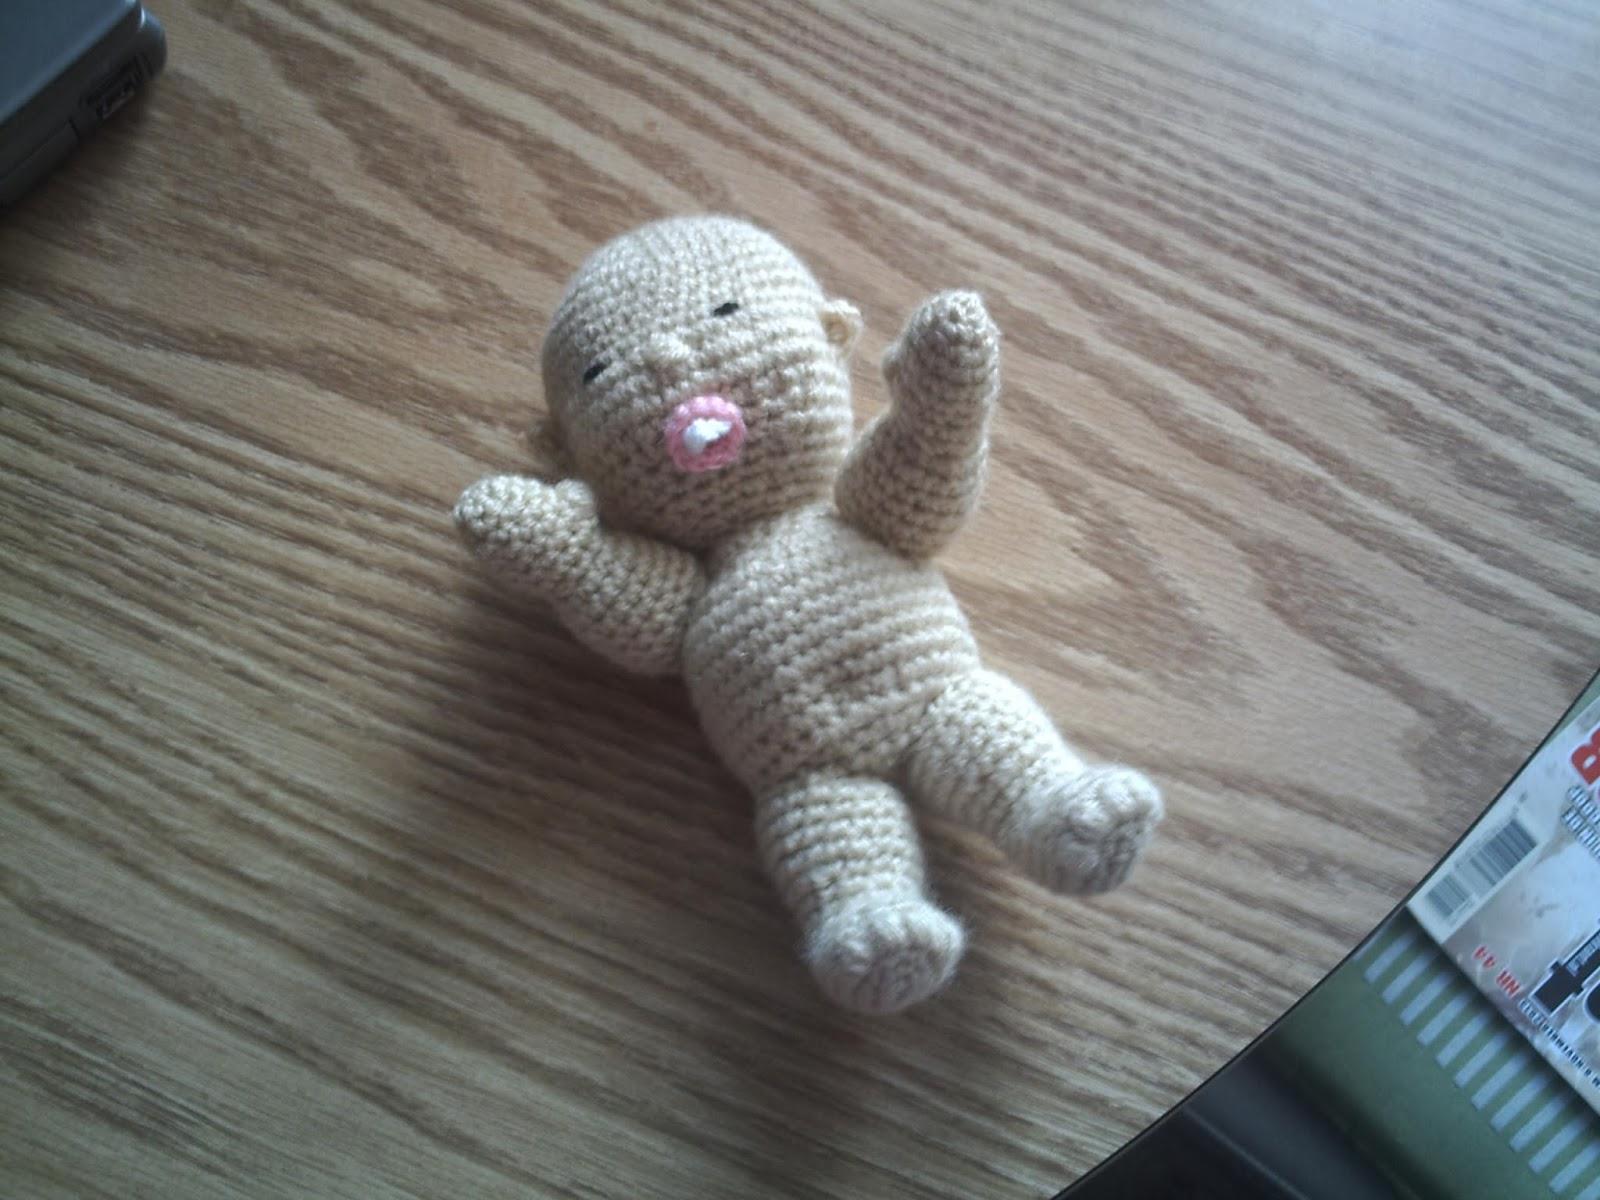 Amigurumi Baby Haakpatroon : Zwaantje Creatief !!!??: Alle zelfverzonnen babypopjes op ...